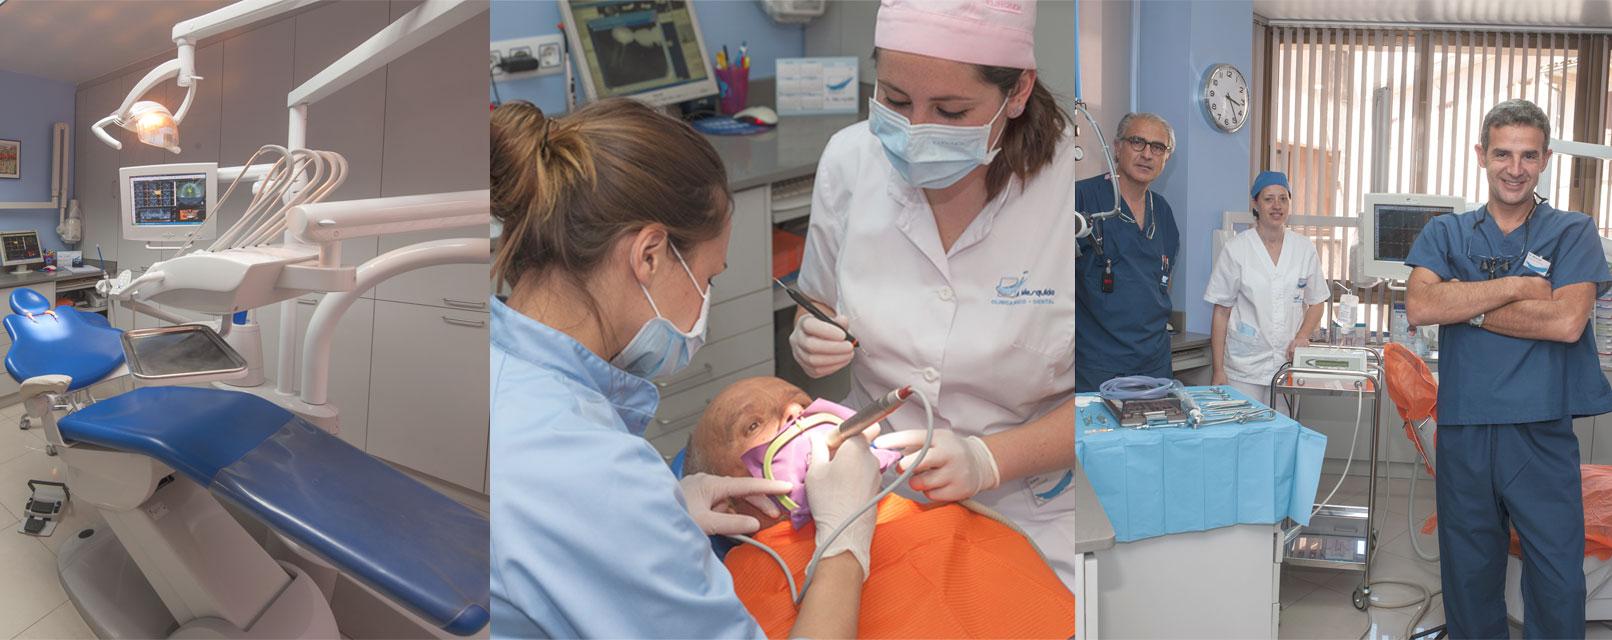 Estilo propio de atención odontológica